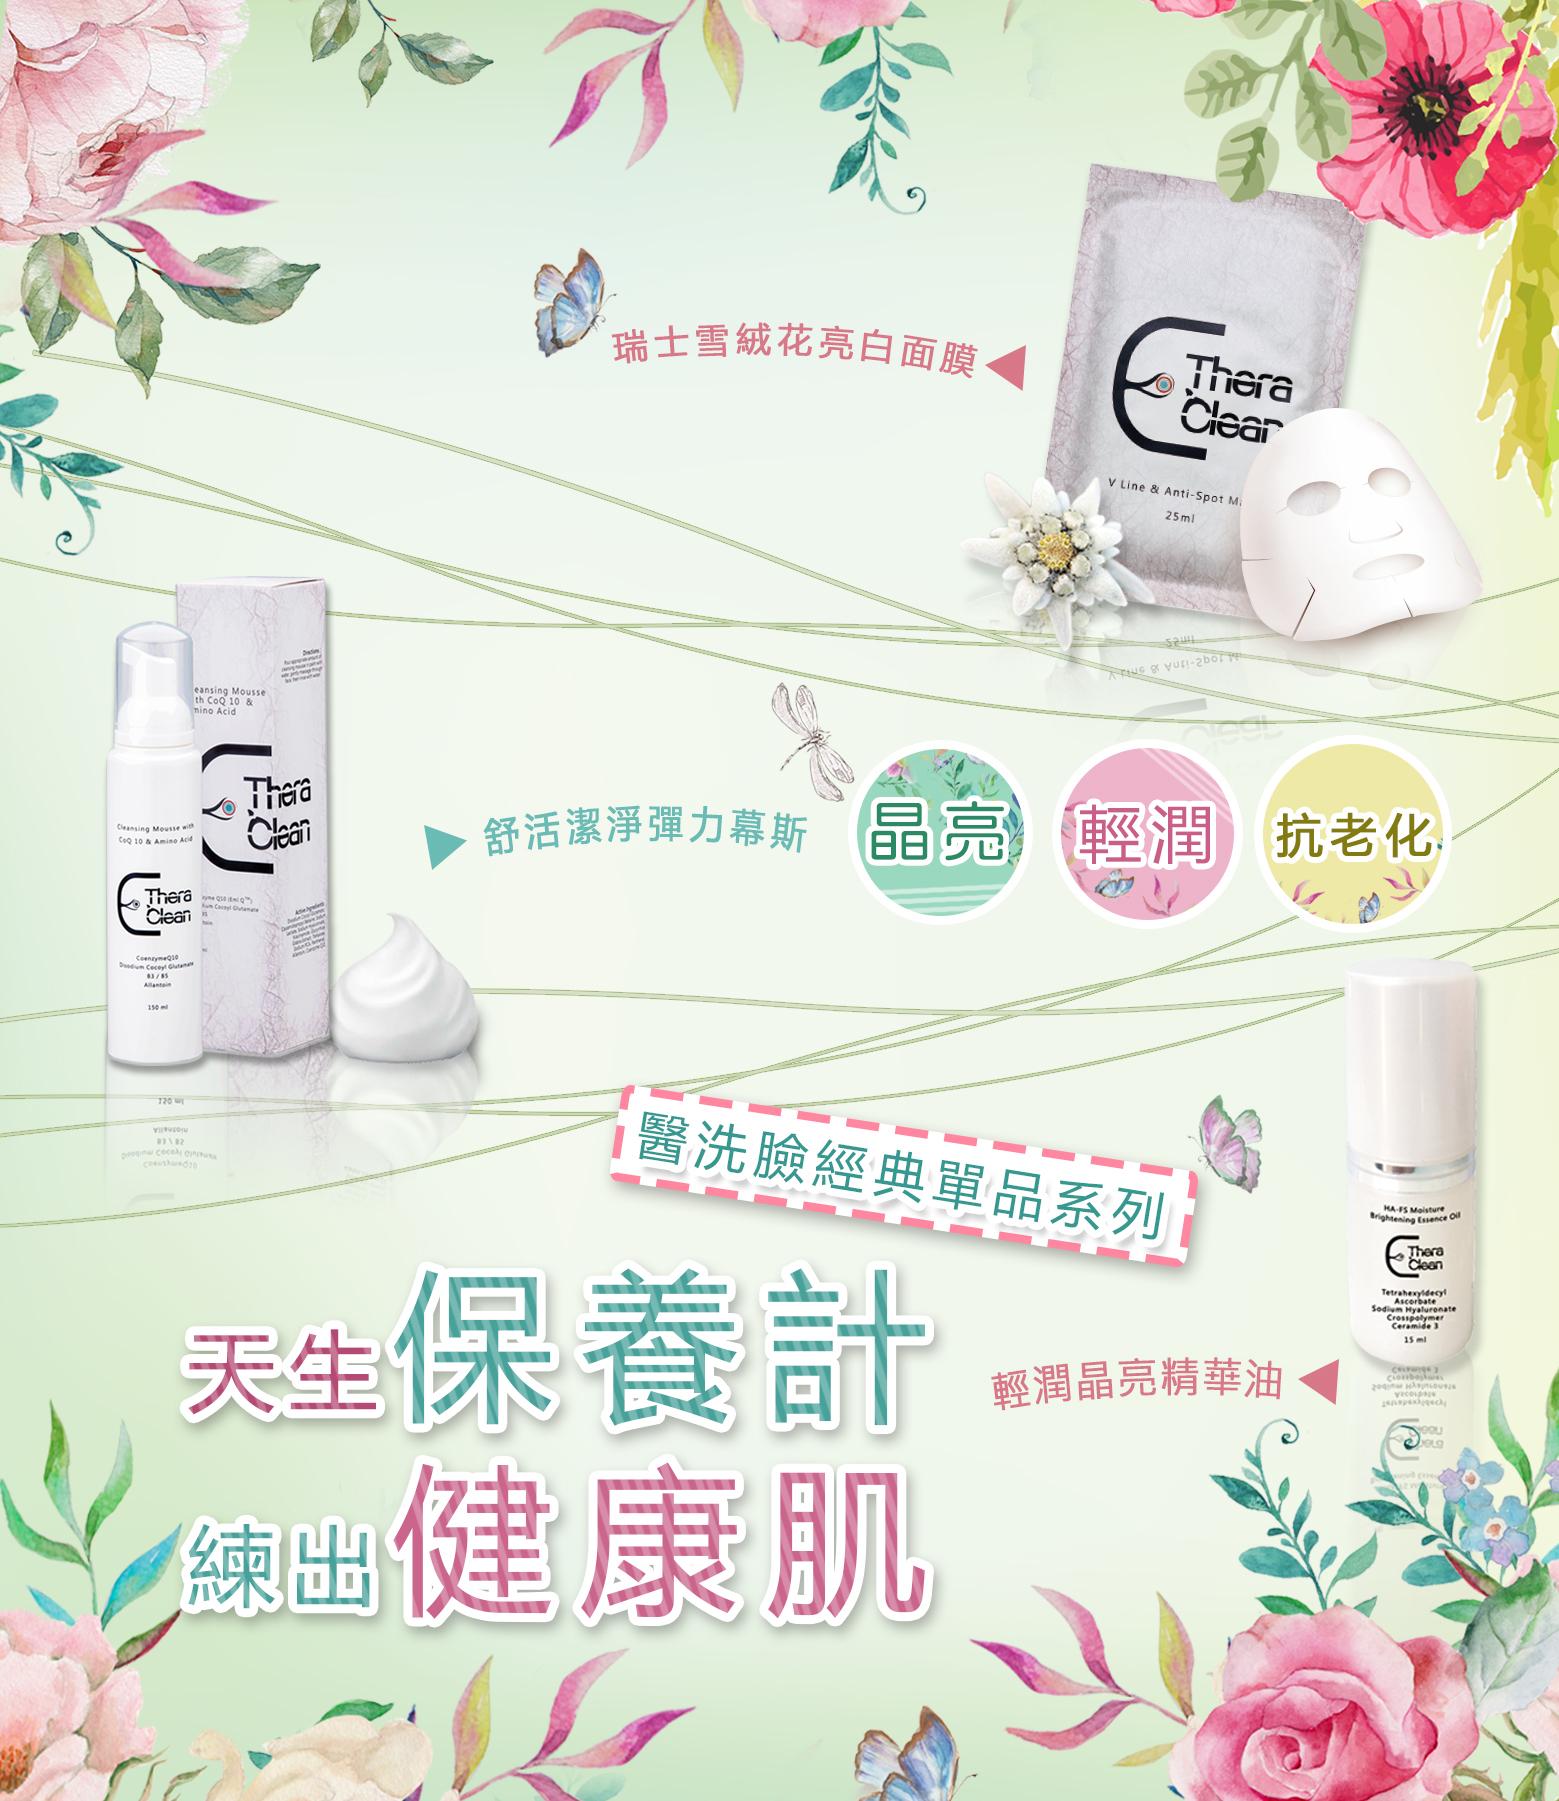 醫美級保養產品,醫洗臉,保養,保濕